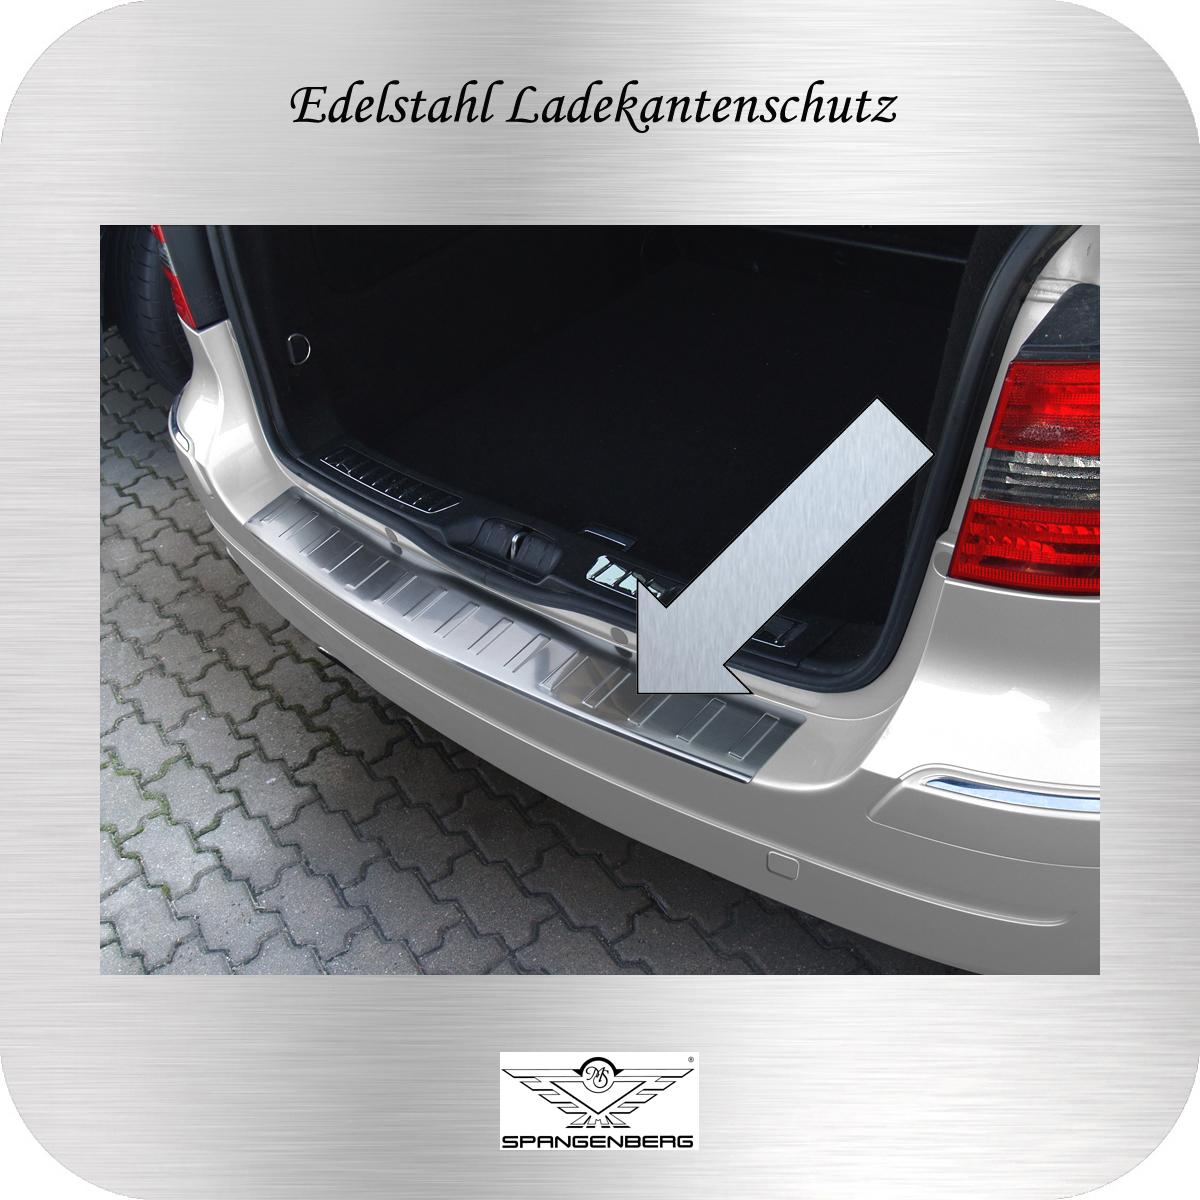 Ladekantenschutz Edelstahl Mercedes B-Klasse W245 Kombi vor FL 2005-08 3235662